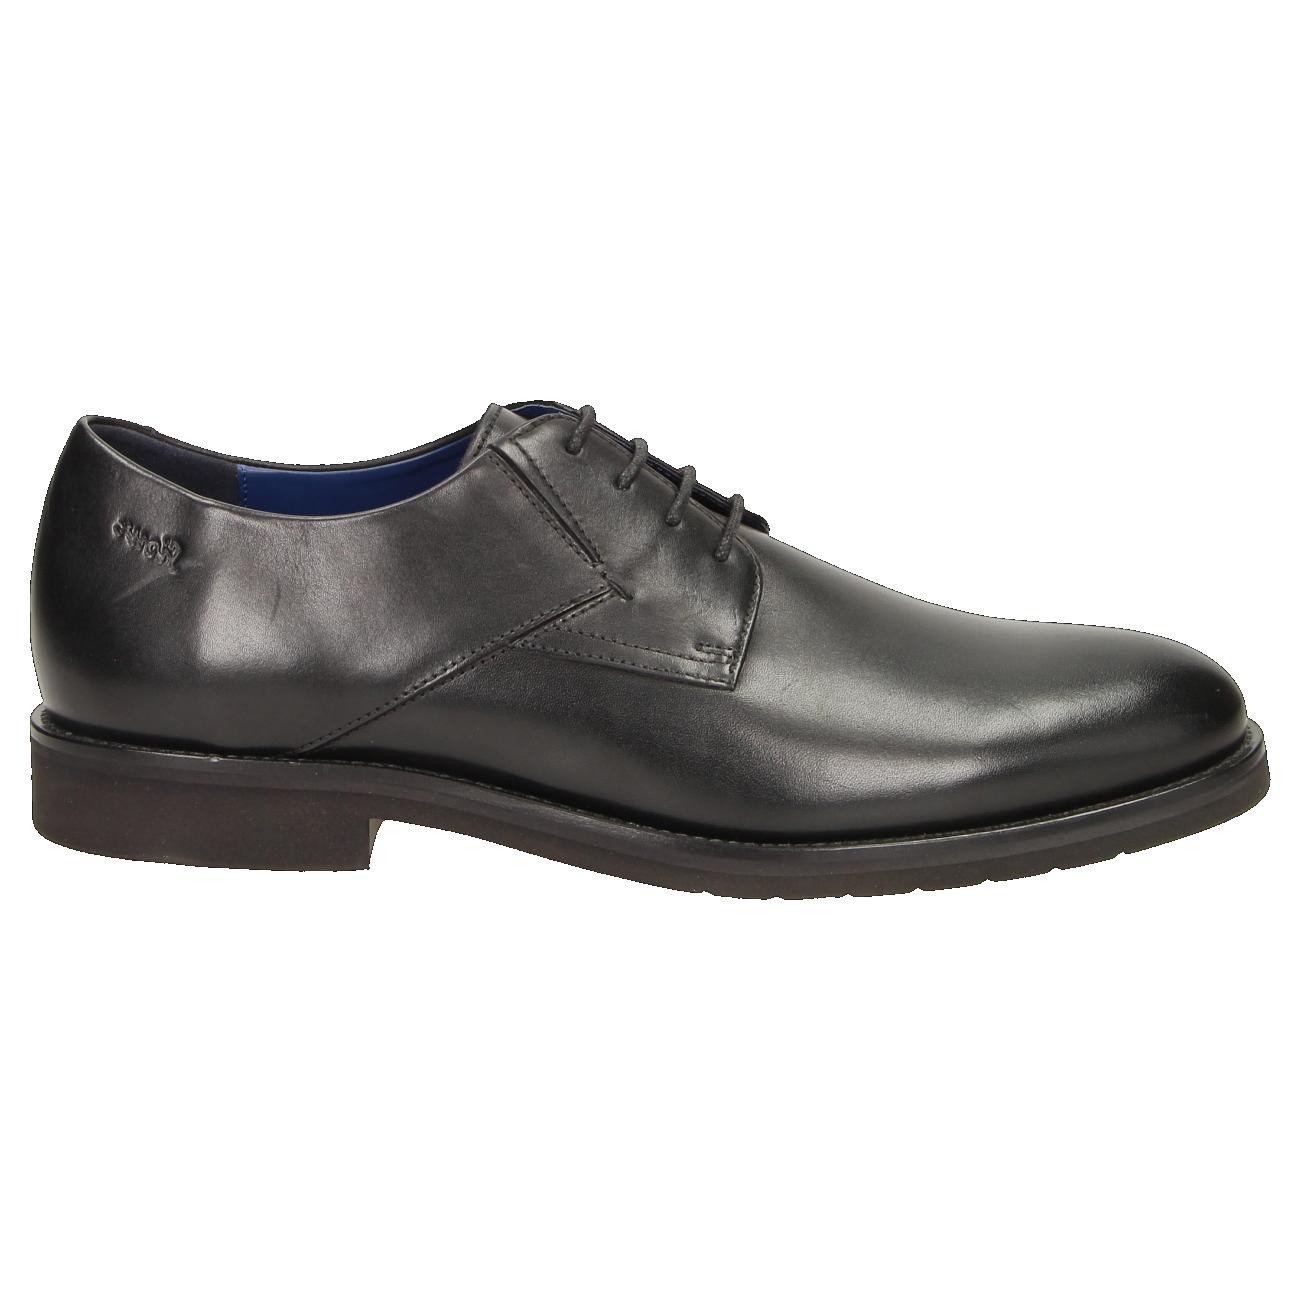 Sioux Jaromir-700 Business-Schuh schwarz Wechselfußbett 35330